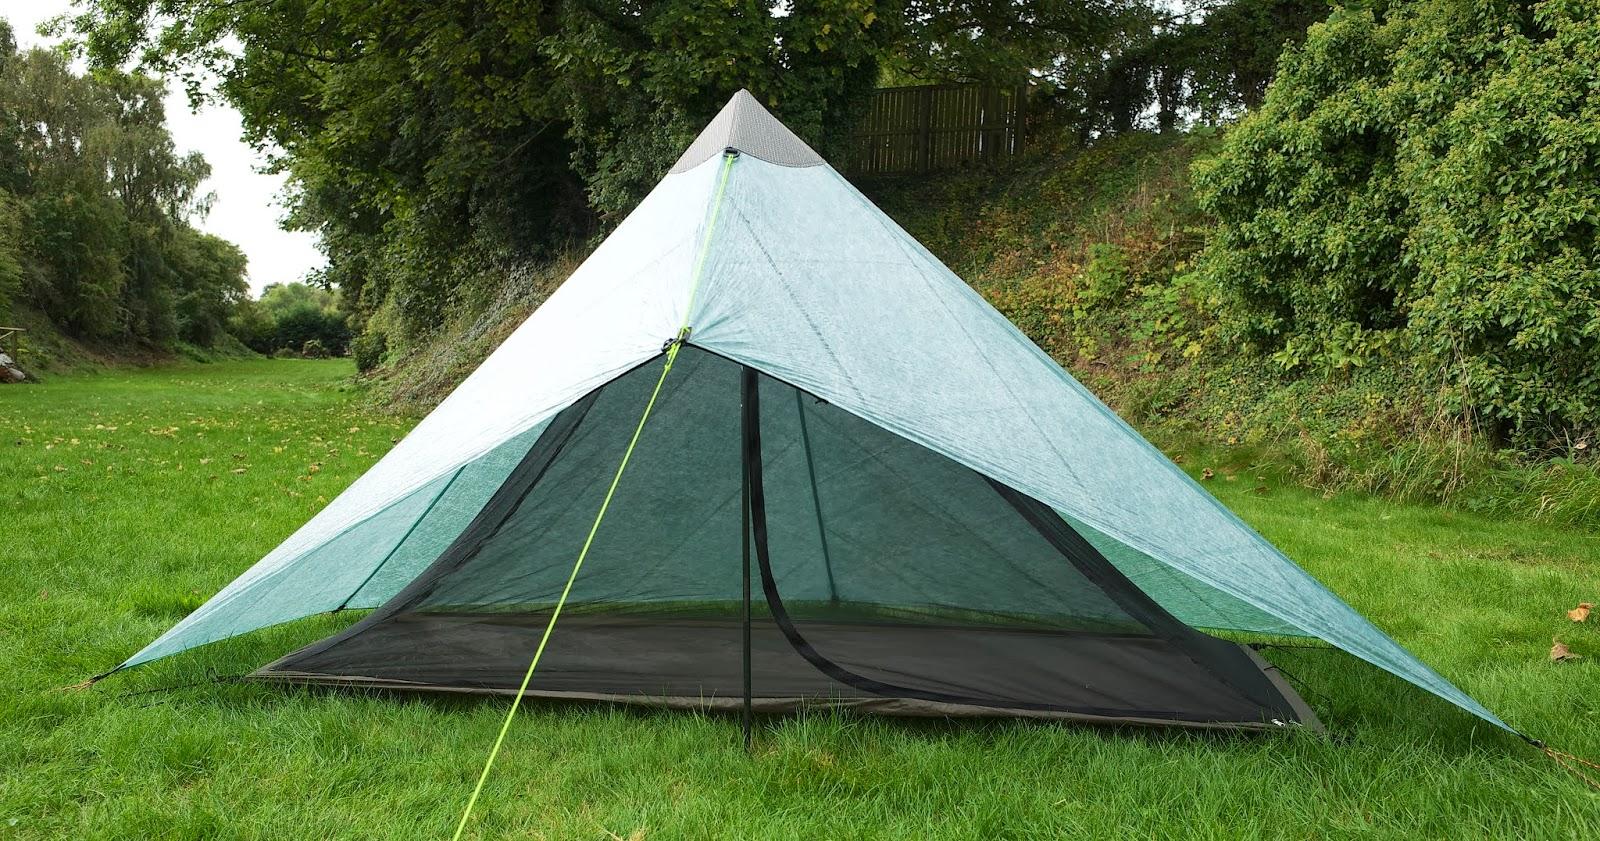 Finished MYOG cuben shelter & Tramplite Gear: MYOG Cuben Fibre Shelter